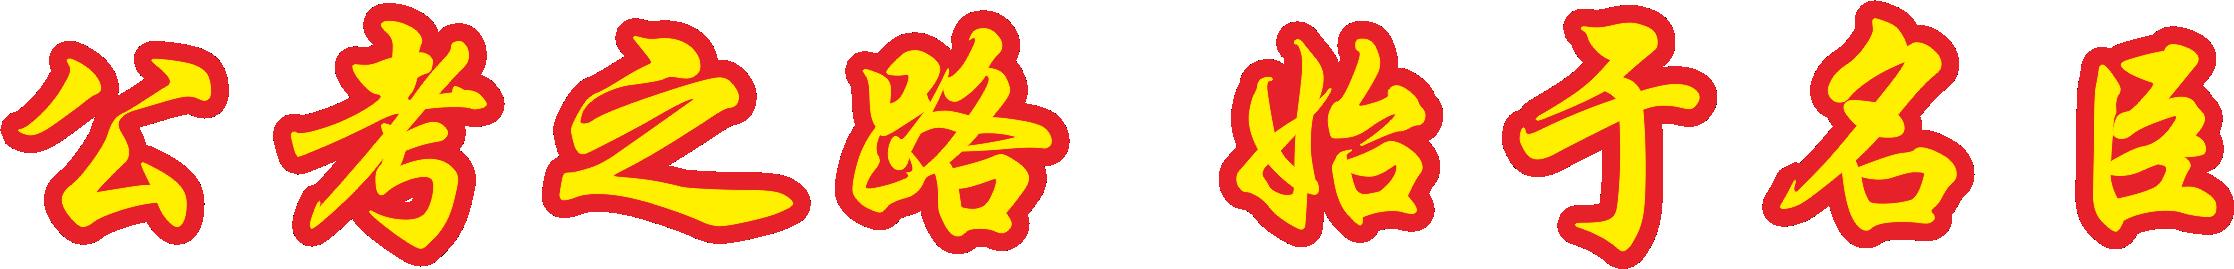 2019年上四川省考公务员考试准考证打印通道(图2)